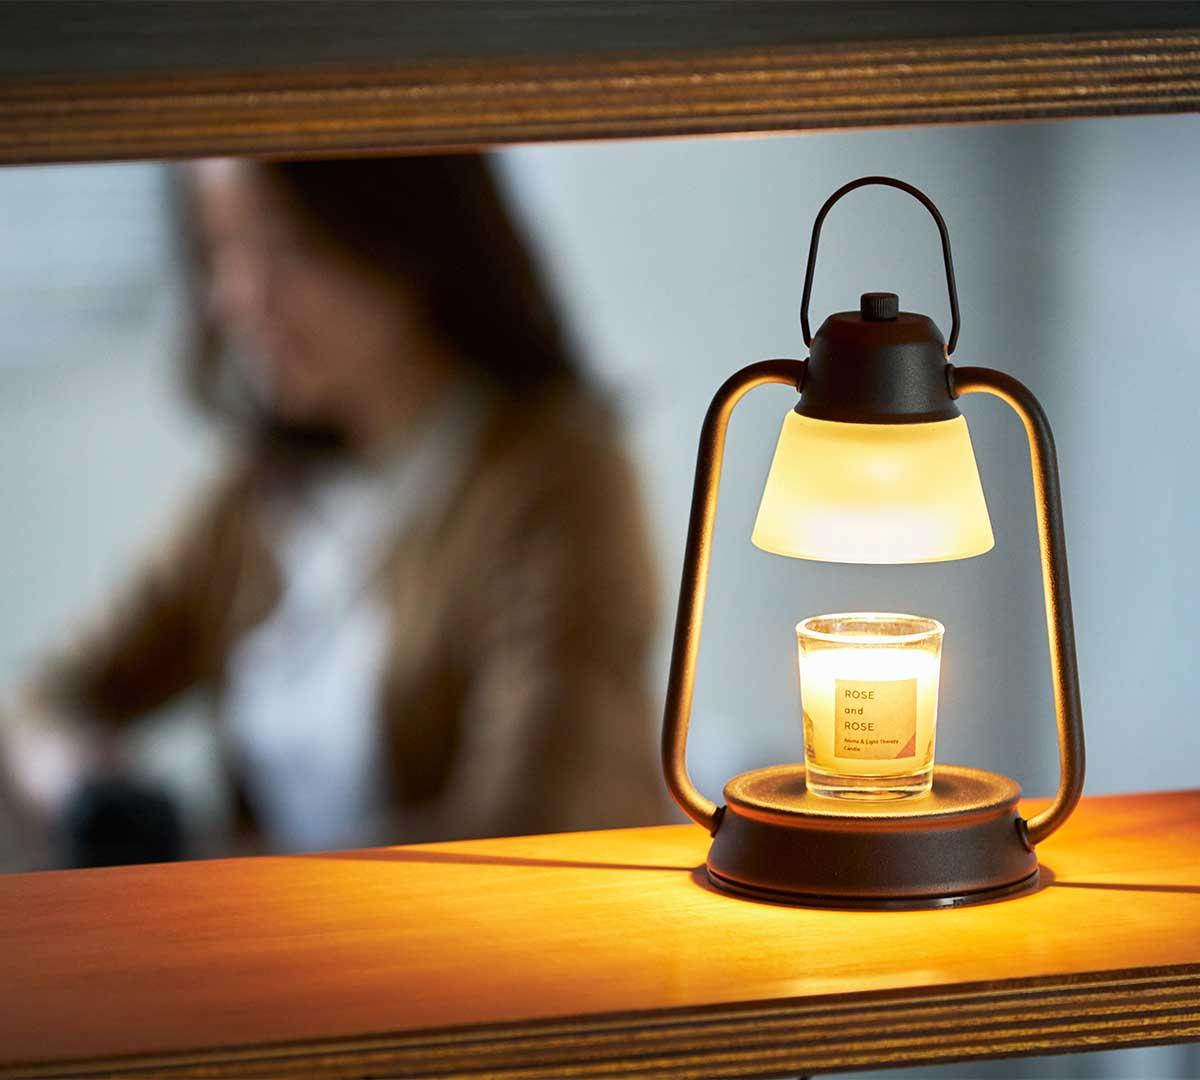 部屋ごといい香りに包まれます。火を使わずにアロマキャンドルを灯せて、明かりと香りも楽しめる卓上ライト「キャンドルウォーマーランプ」|kameyama candle house